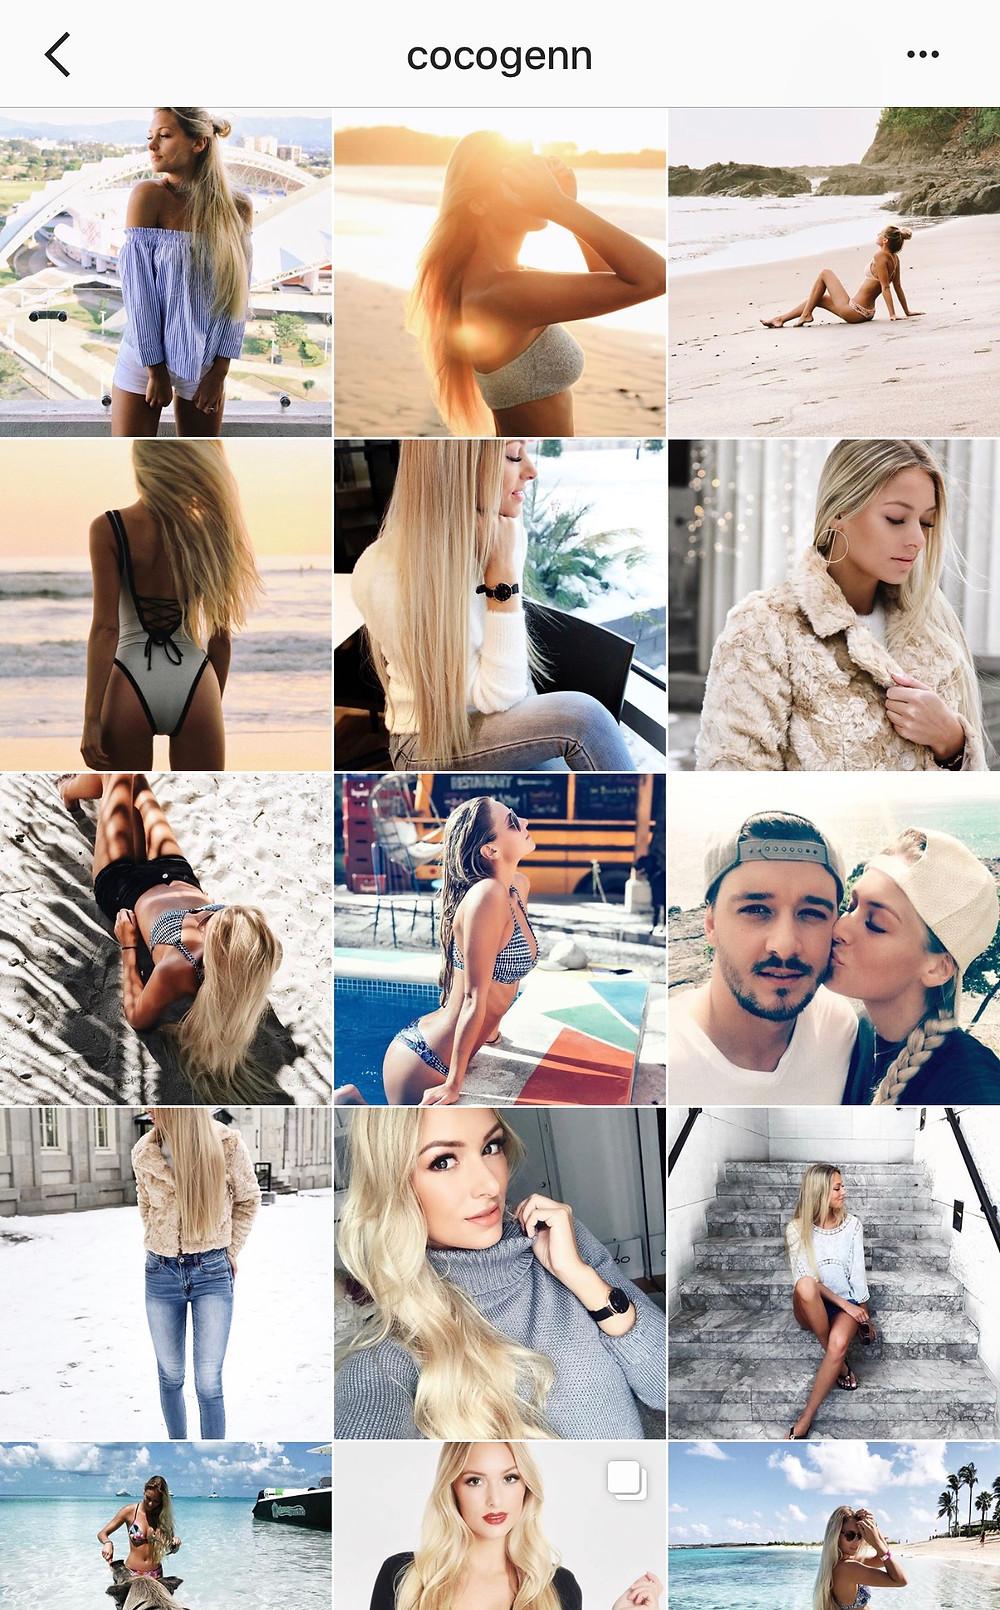 cocogenn sur Instagram